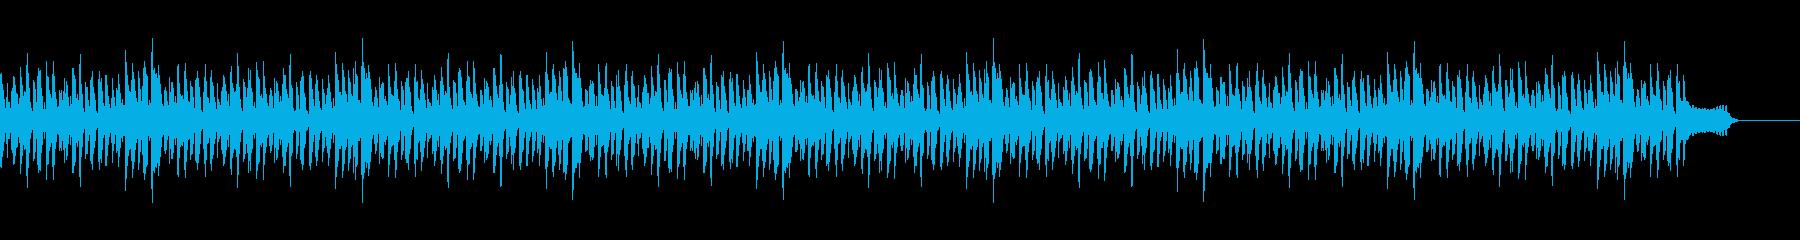 日常系BGMaの再生済みの波形